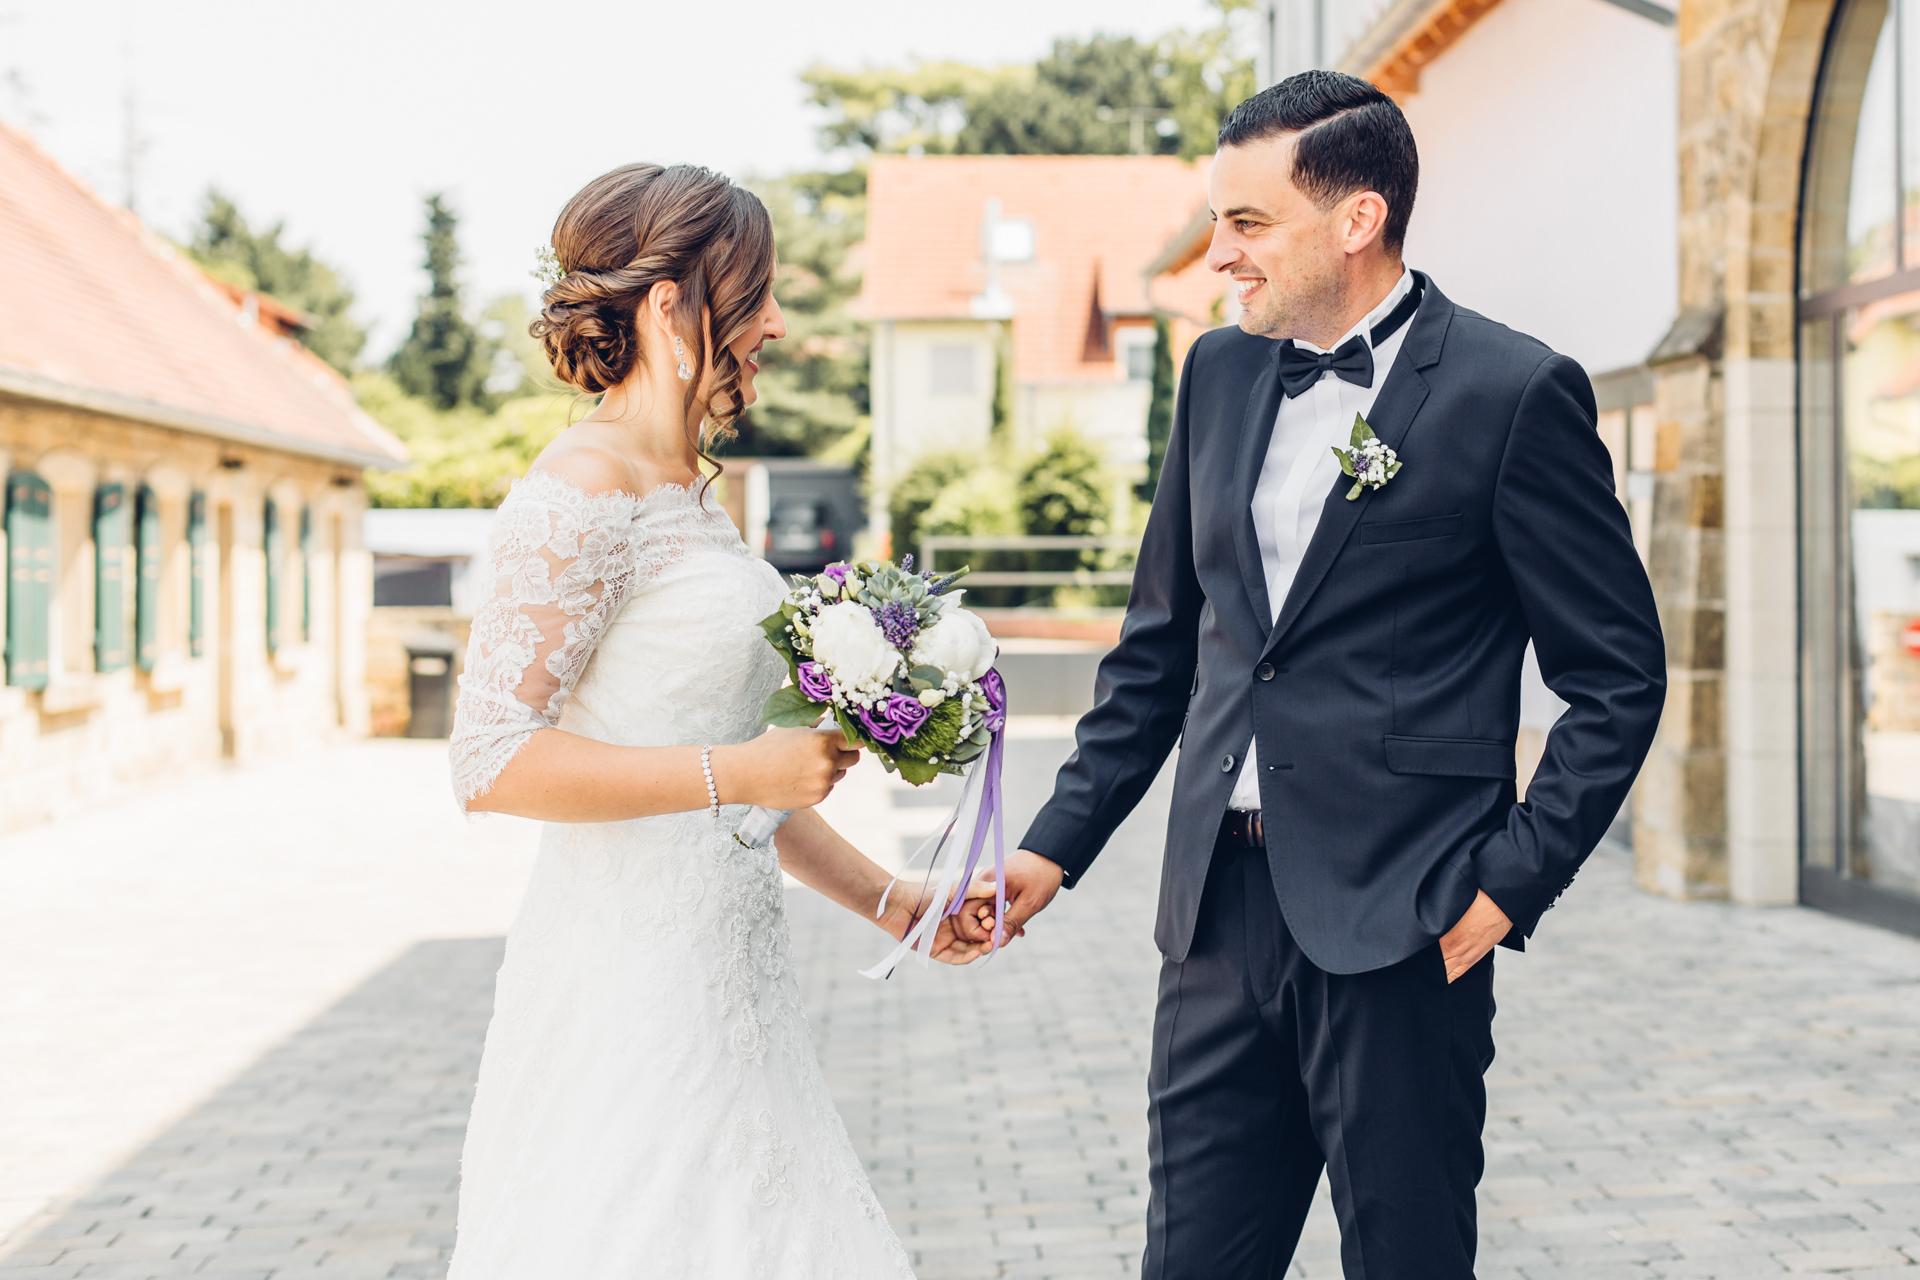 Braut und Bräutigam First Look vor der freien Trauung im Weingut am Nil